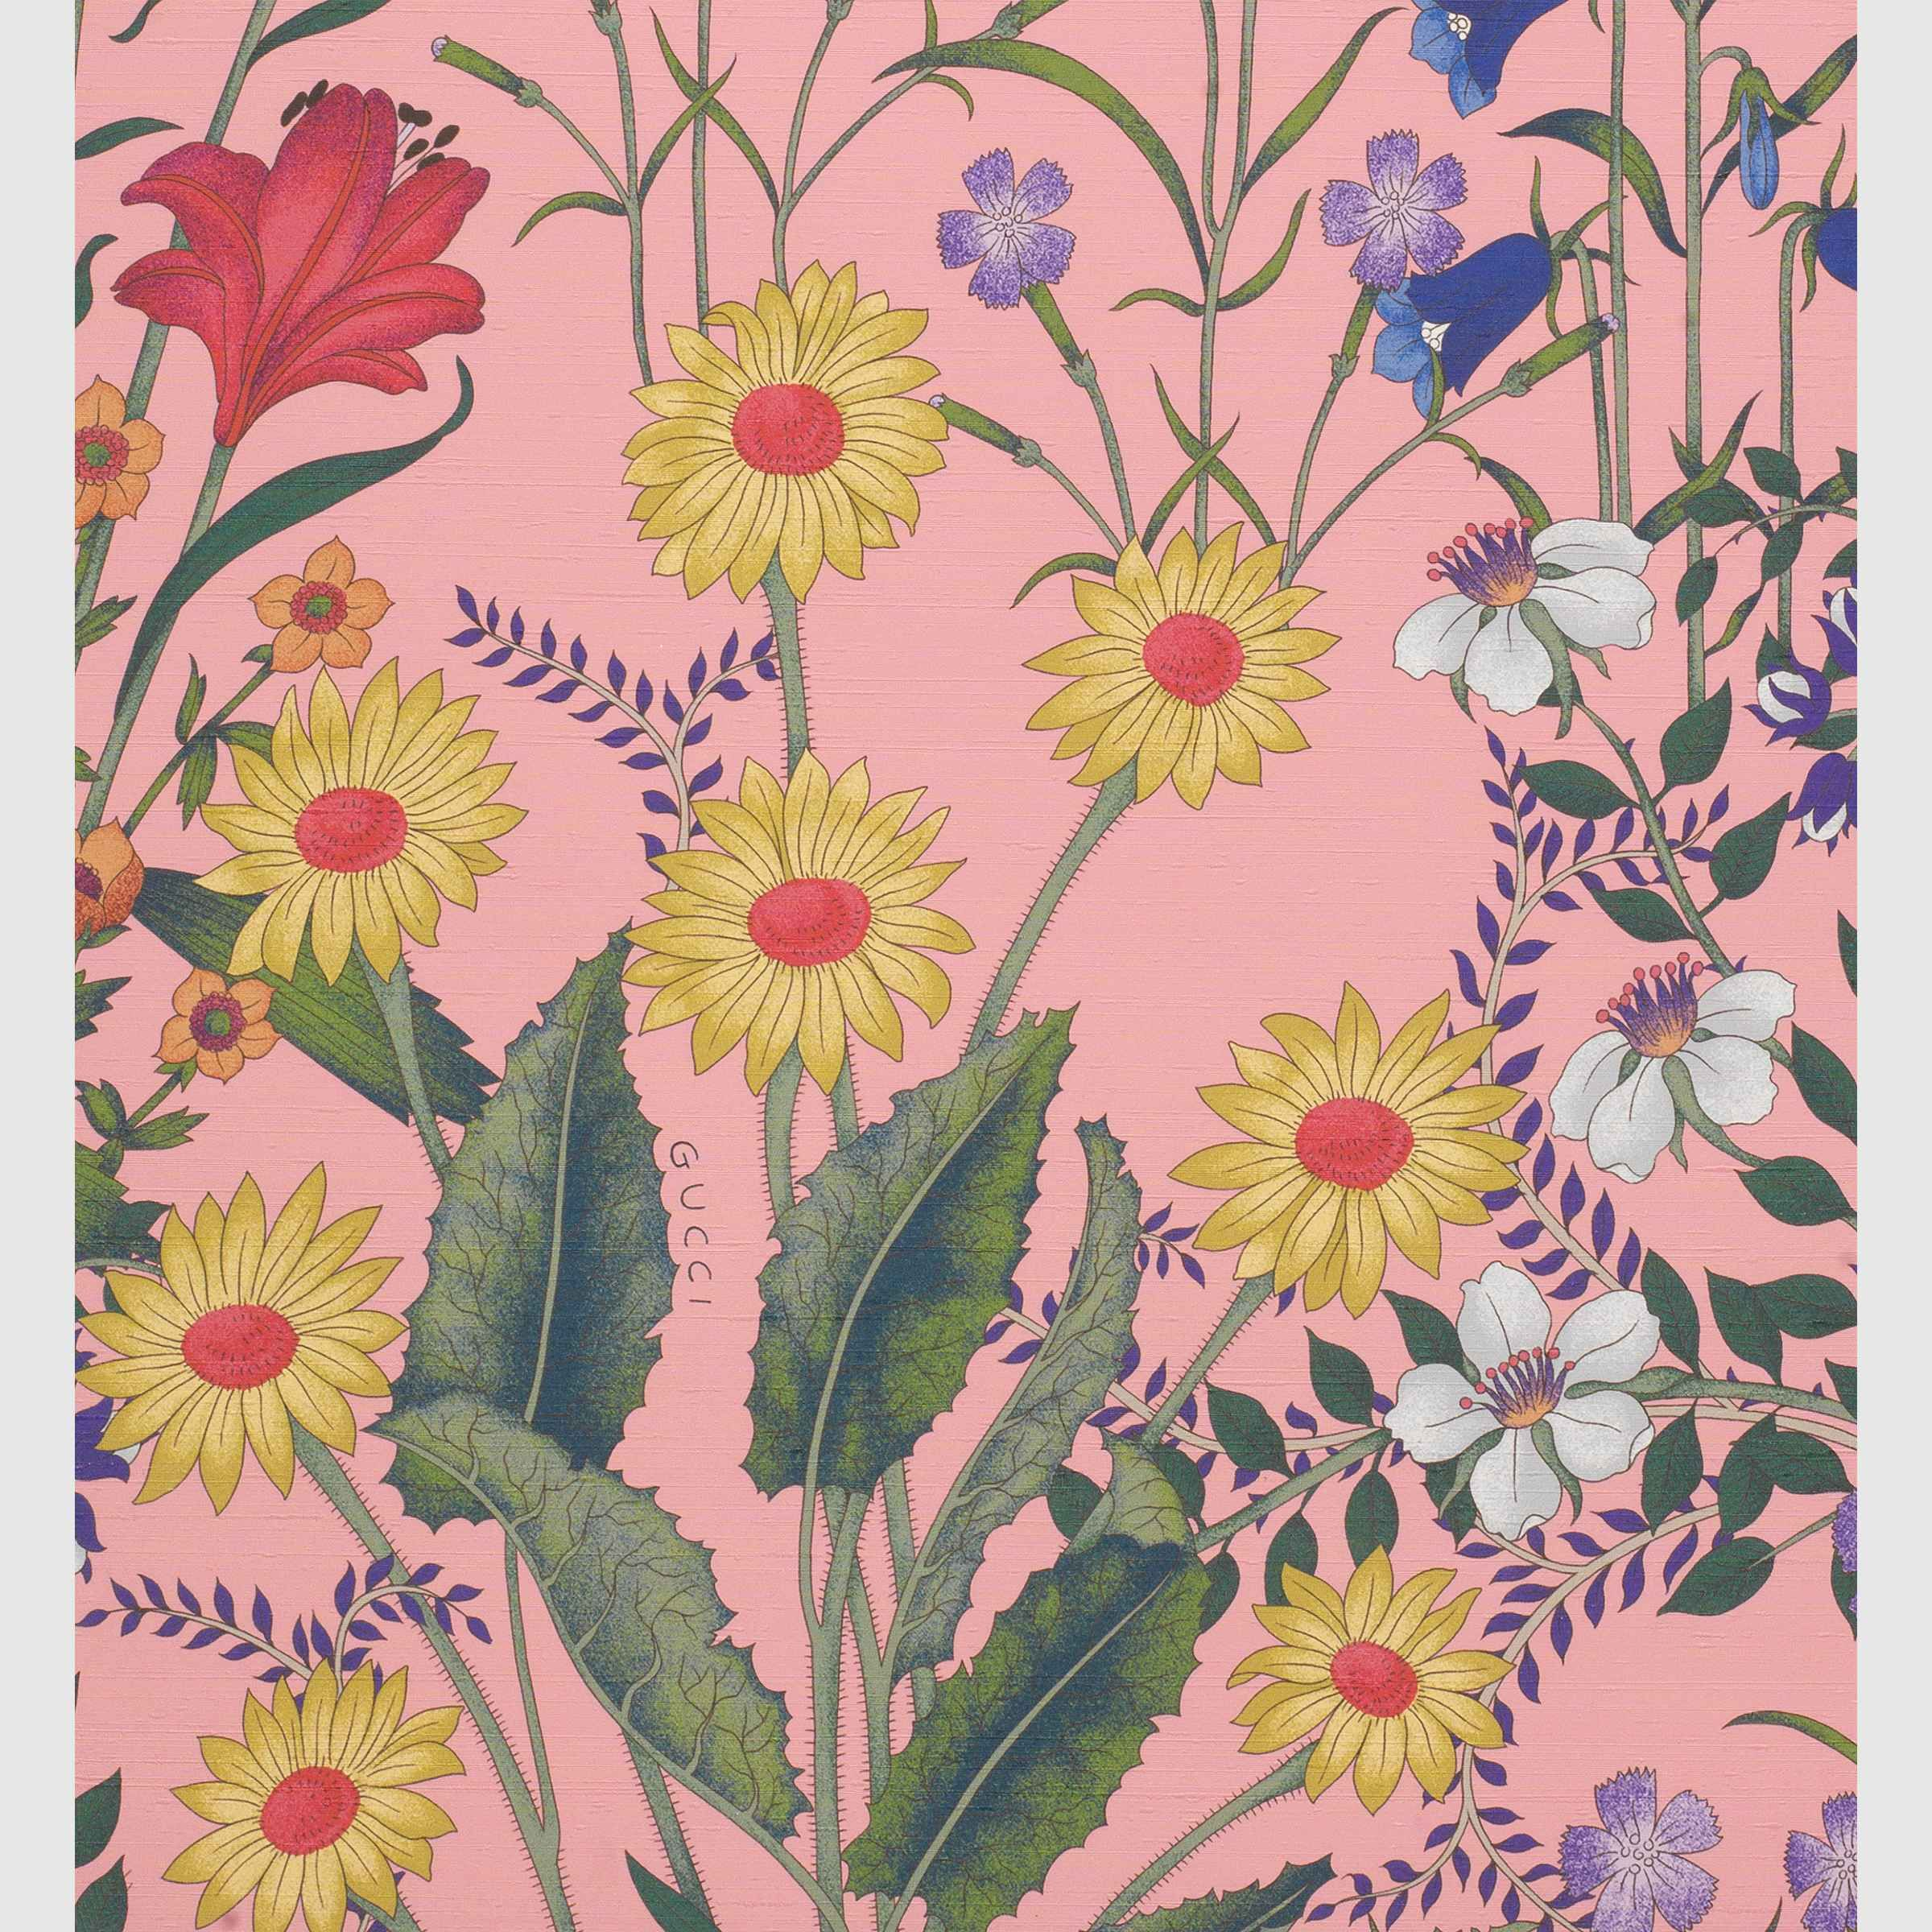 Gucci New Flora print wallpaper Print wallpaper, Flora